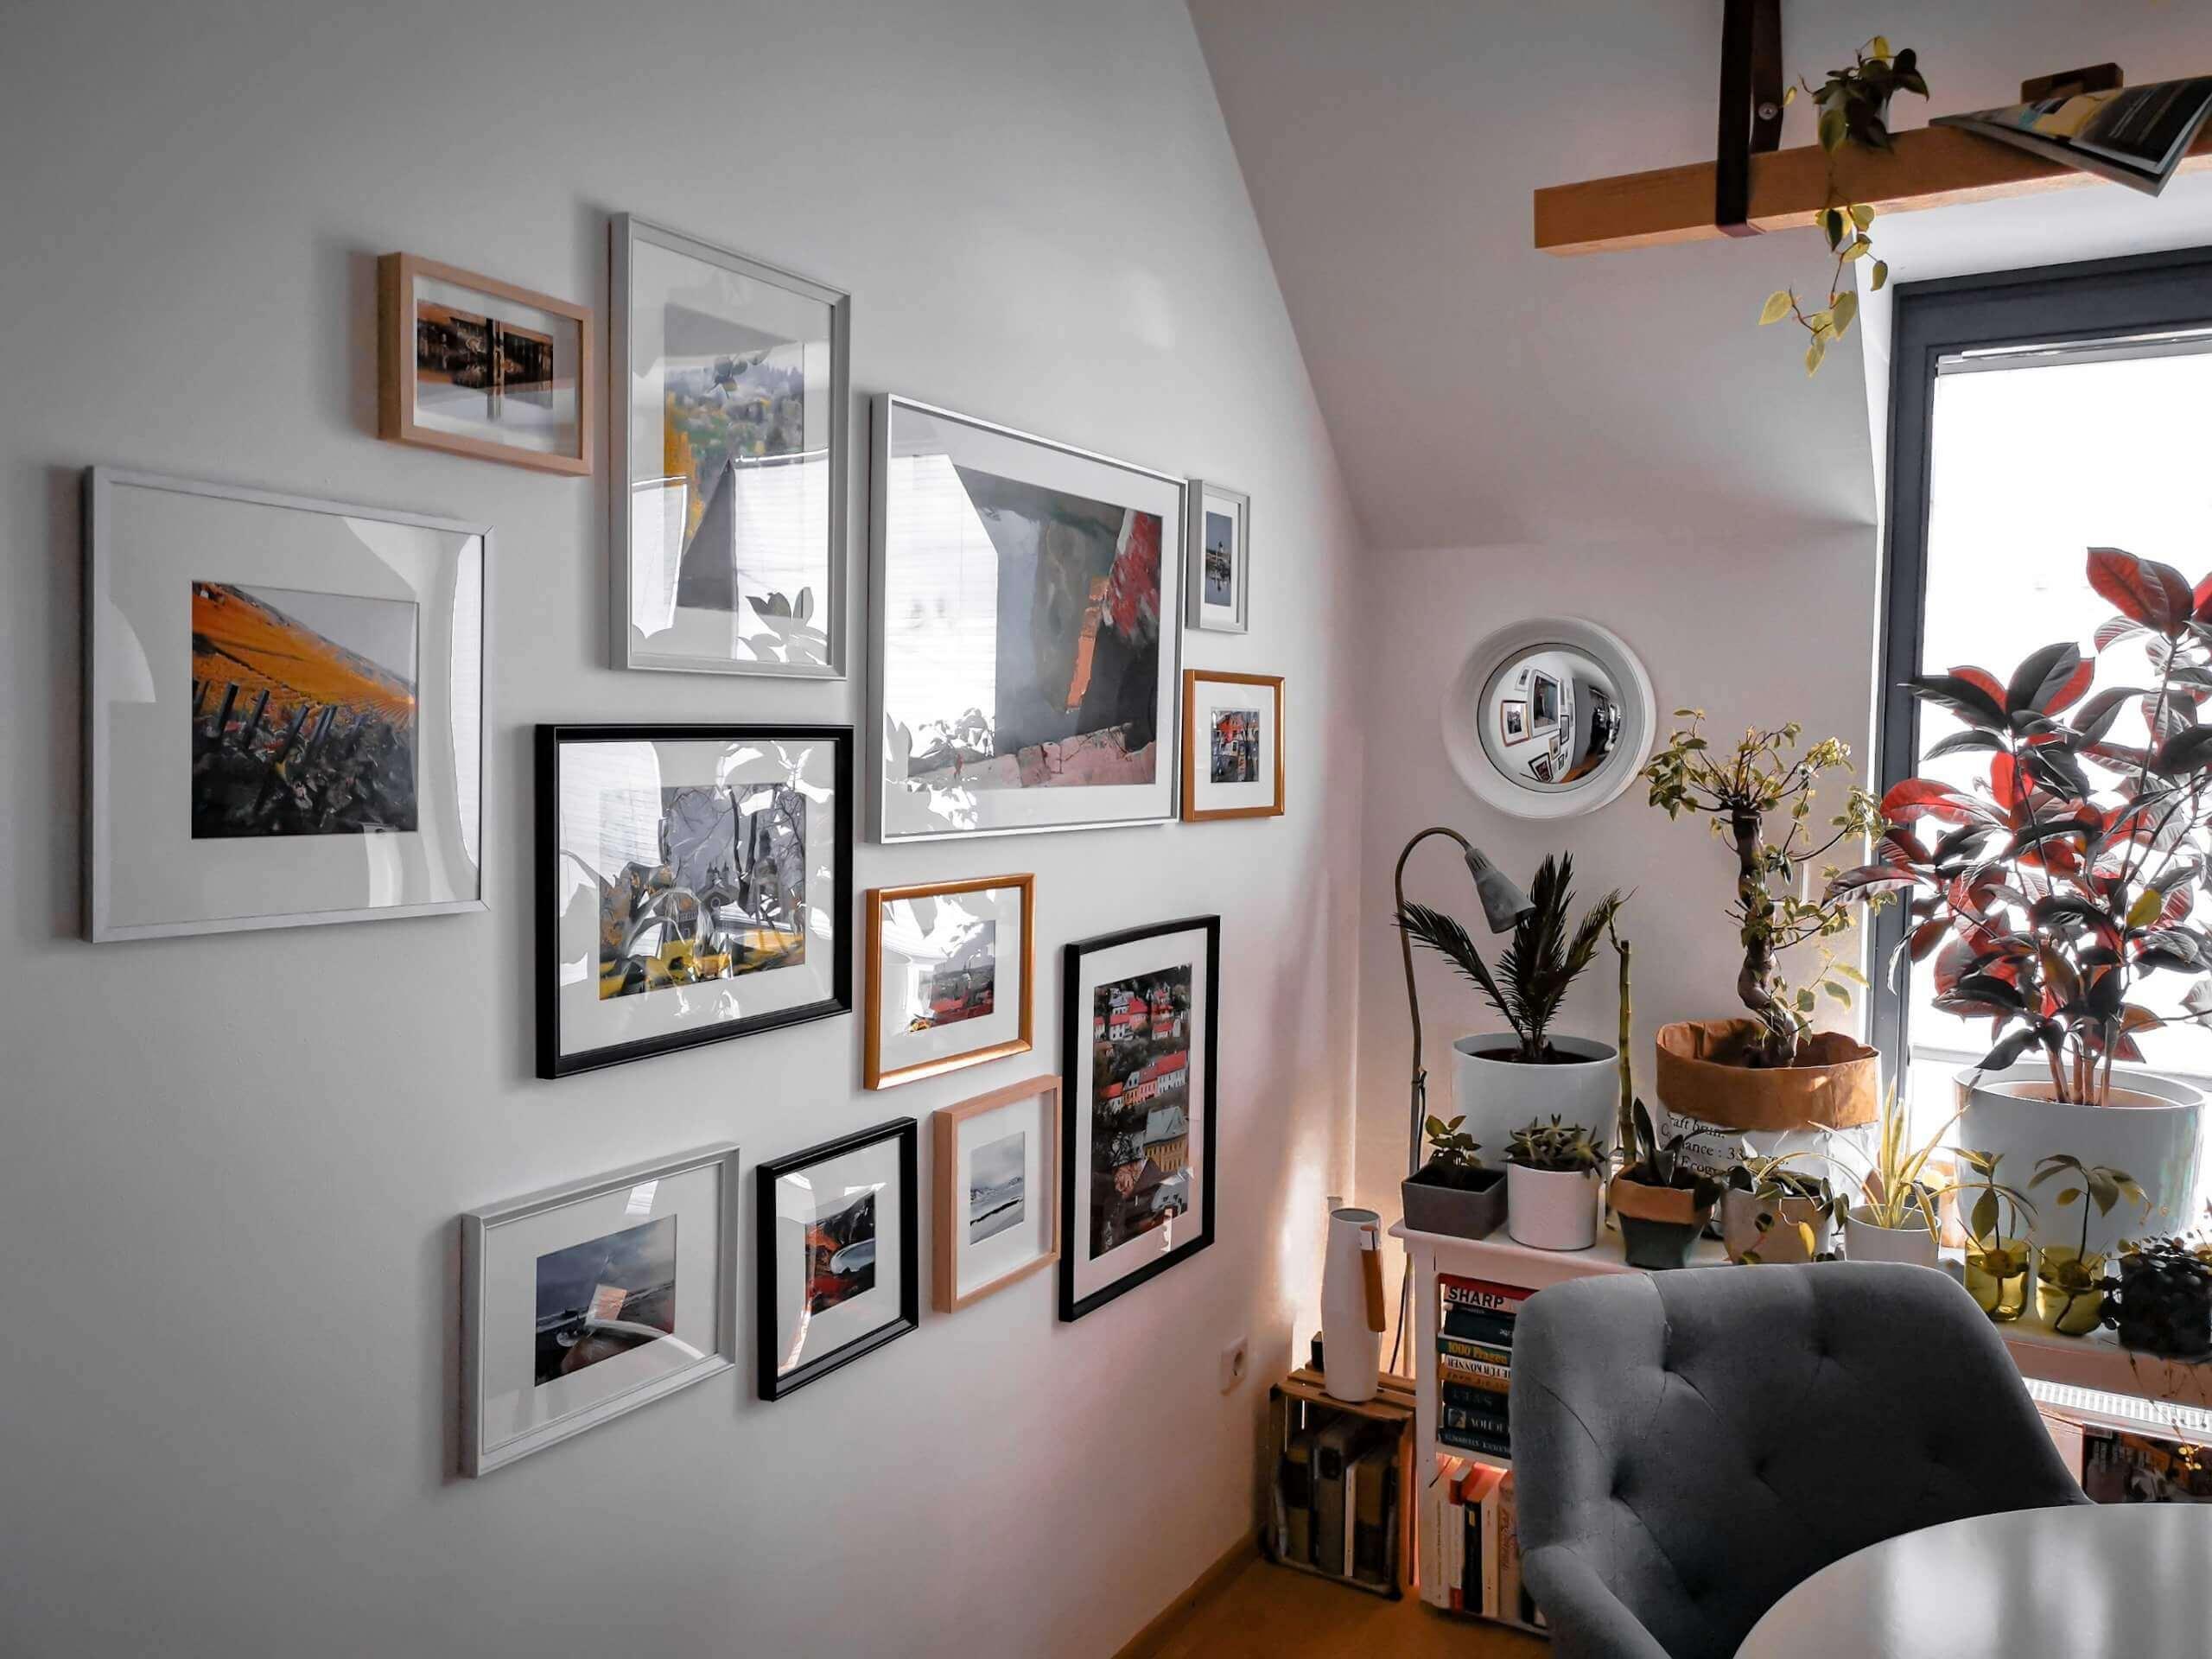 IMG 20200604 173447 2 resized 20200604 054928116 1 scaled - Super jednoduchý trik na stenu, ktorá priláka všetky pohľady